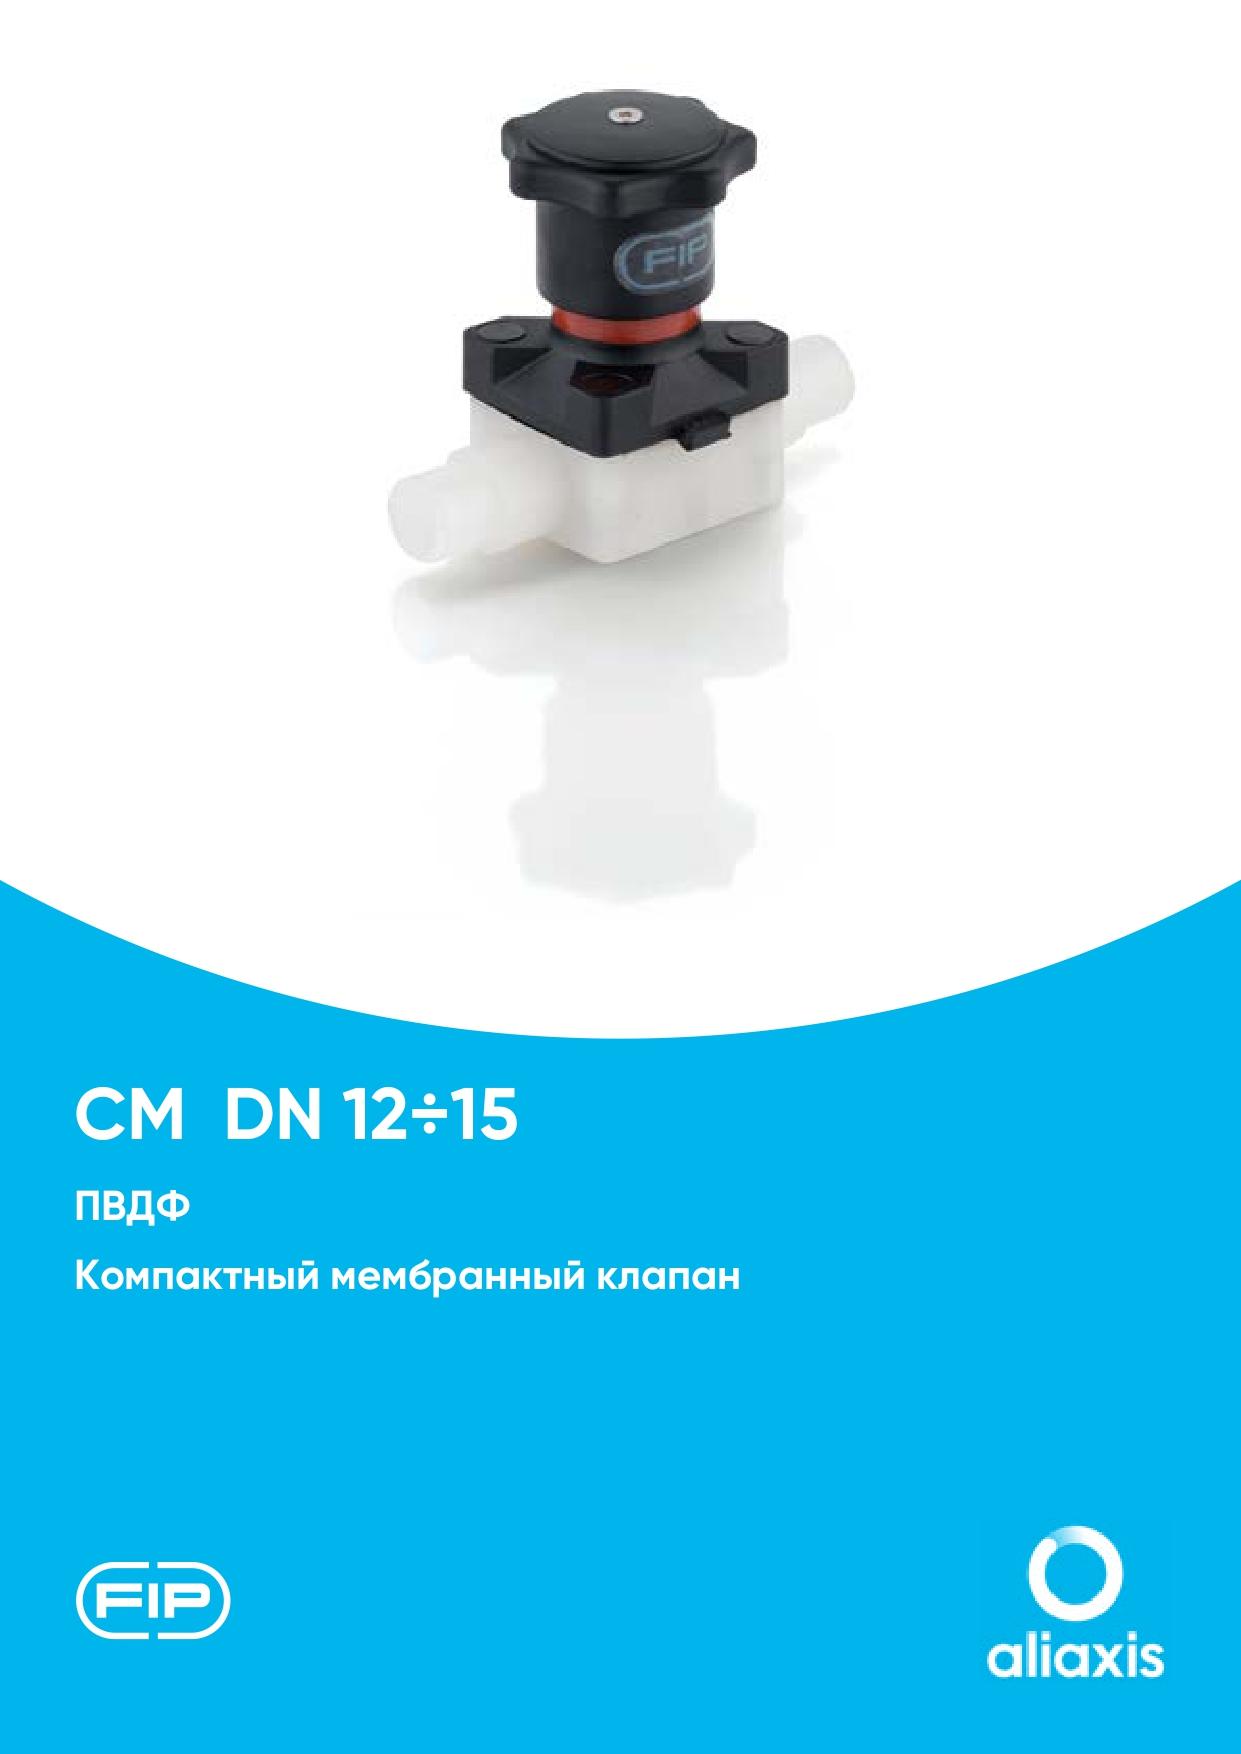 Компактные мембранные клапаны CM DN12-15 из ПВДФ